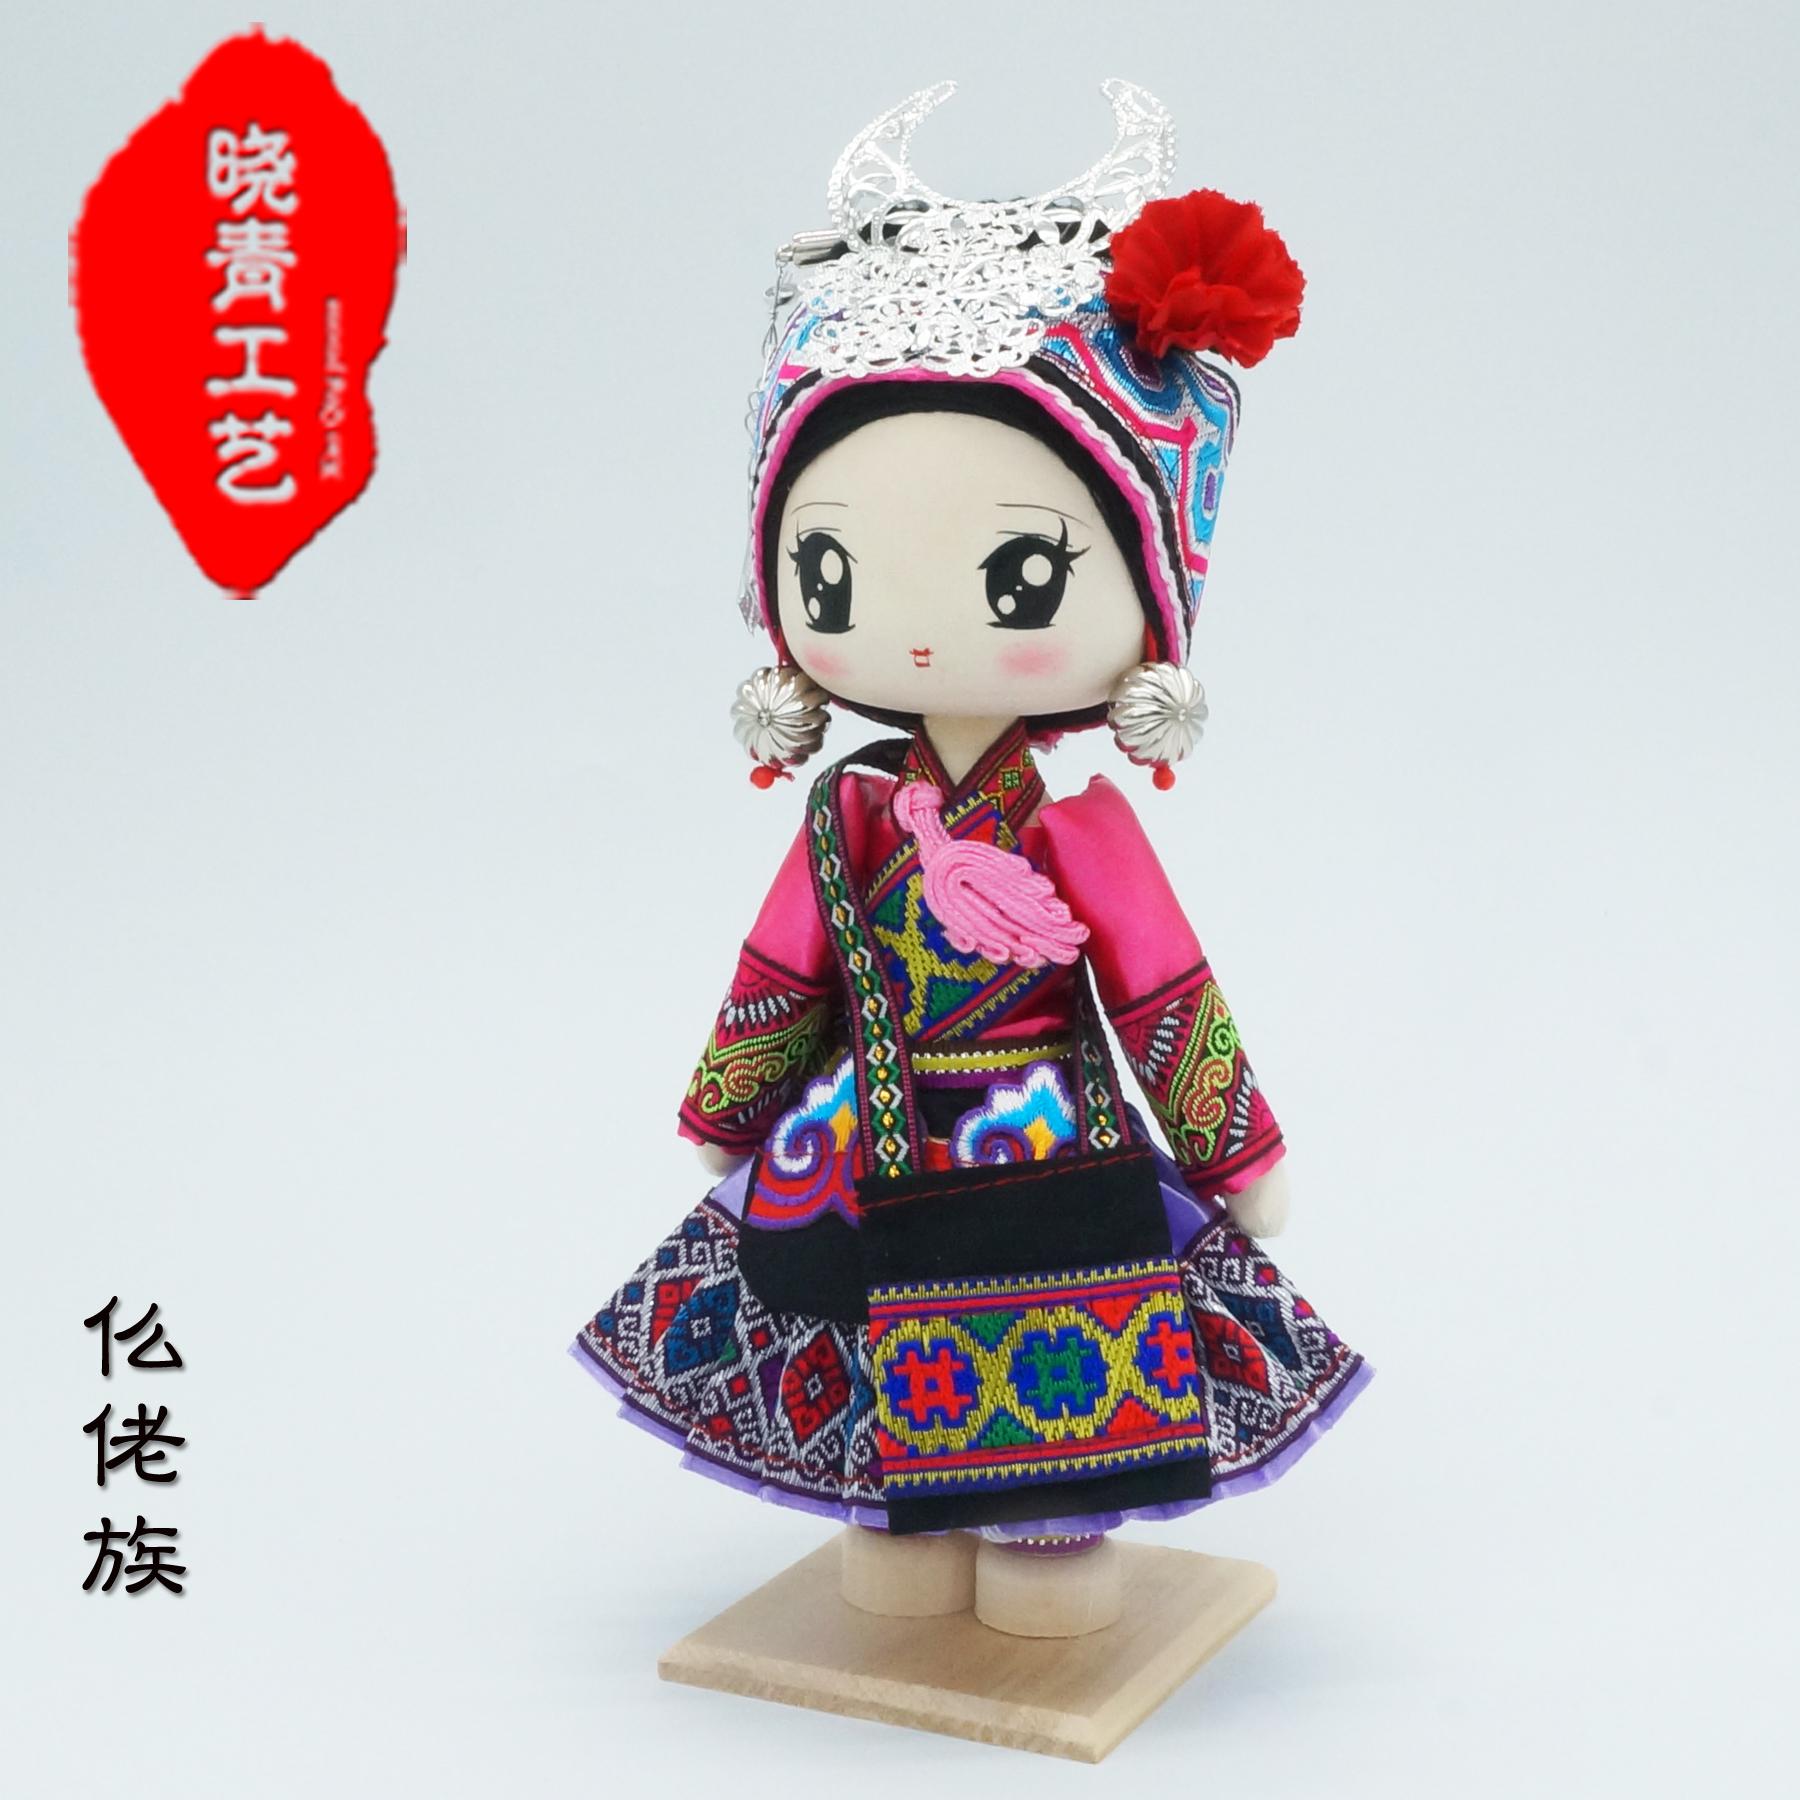 晓青工艺28cm精品盛装人偶仫佬族民族娃娃 手工木制民族特色礼品